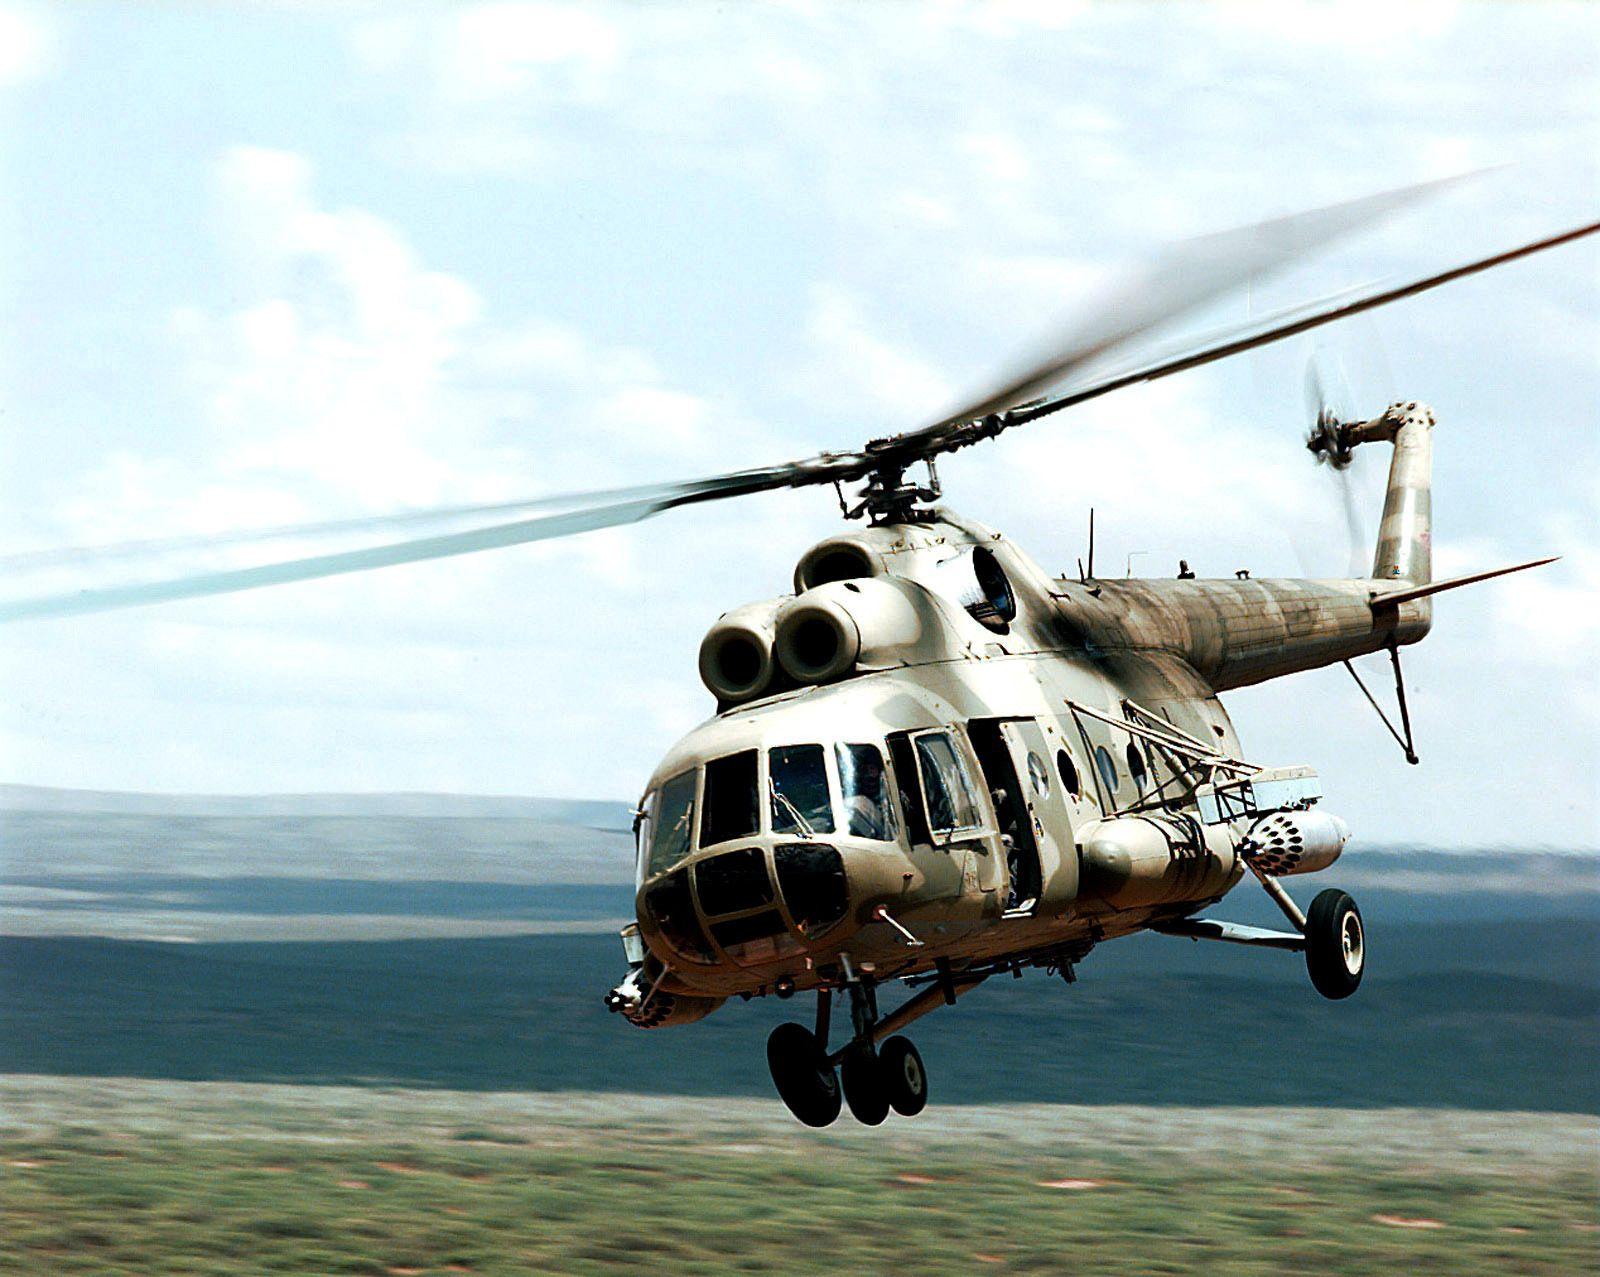 Mil Mi-8 - Wikipedia